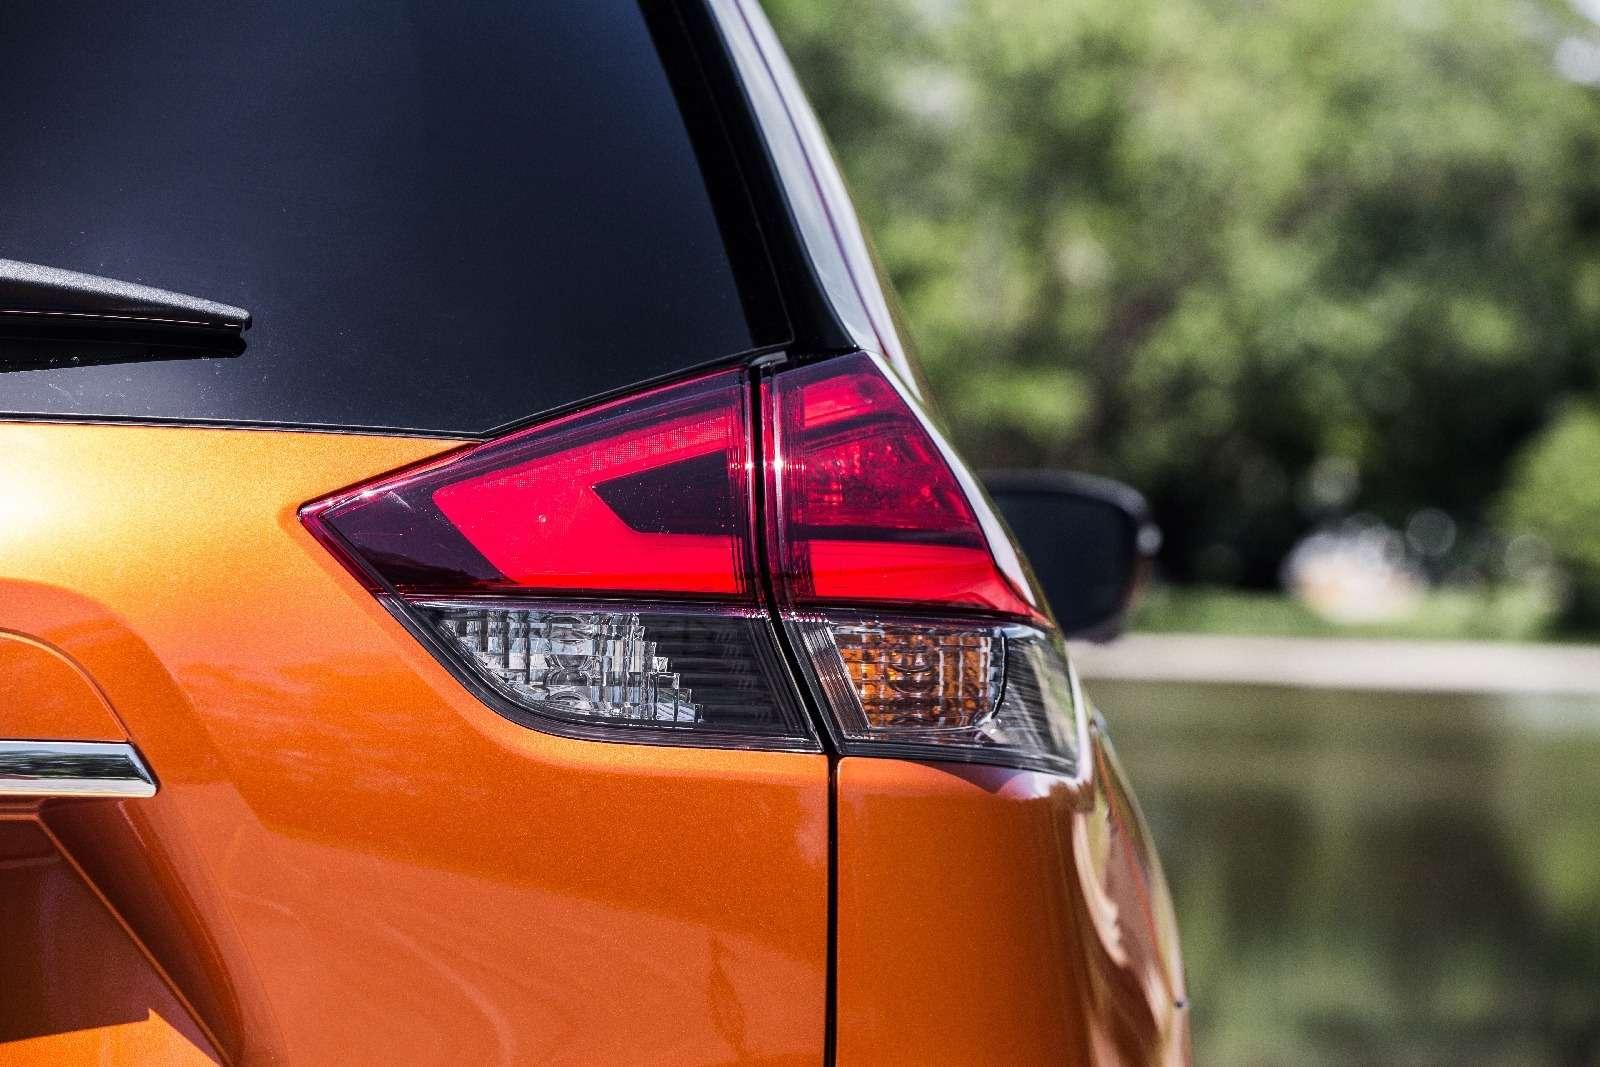 Говорим Rogue, подразумеваем X-Trail: популярный кроссовер Nissan обновился— фото 633622